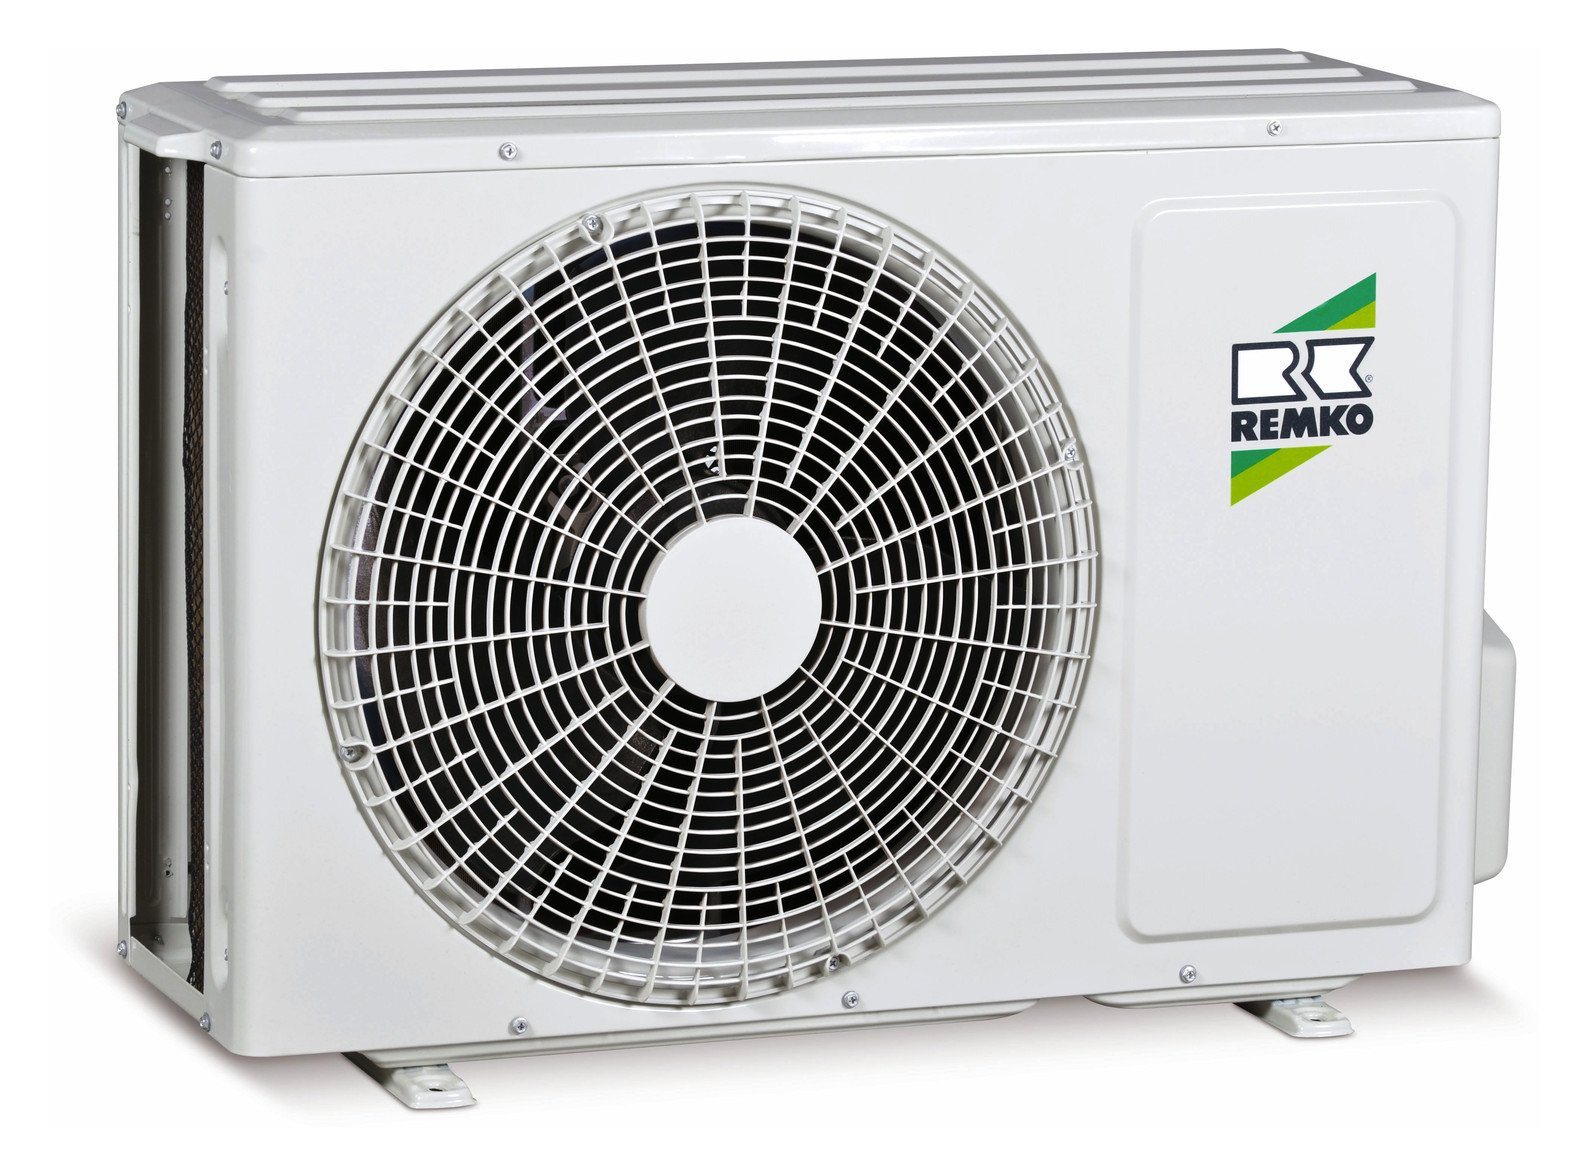 Remko habitación climática dispositivo JBW 350 DC 3,6 kW Aire ...